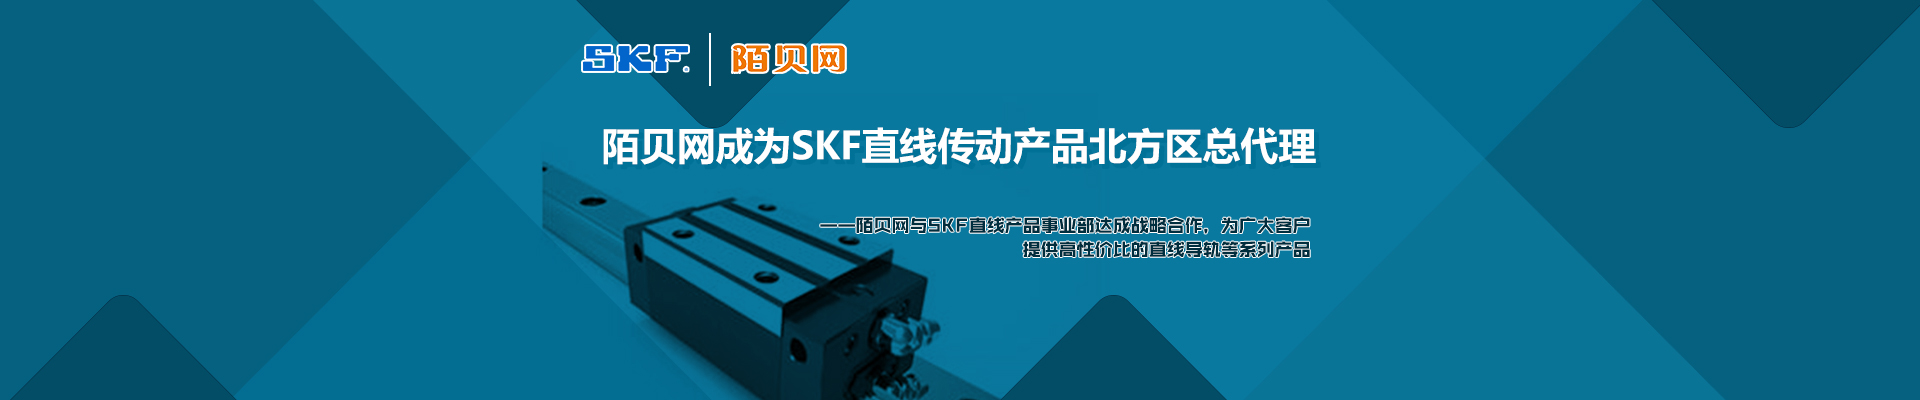 陌贝网成为SKF直线传动产品北方区总代理